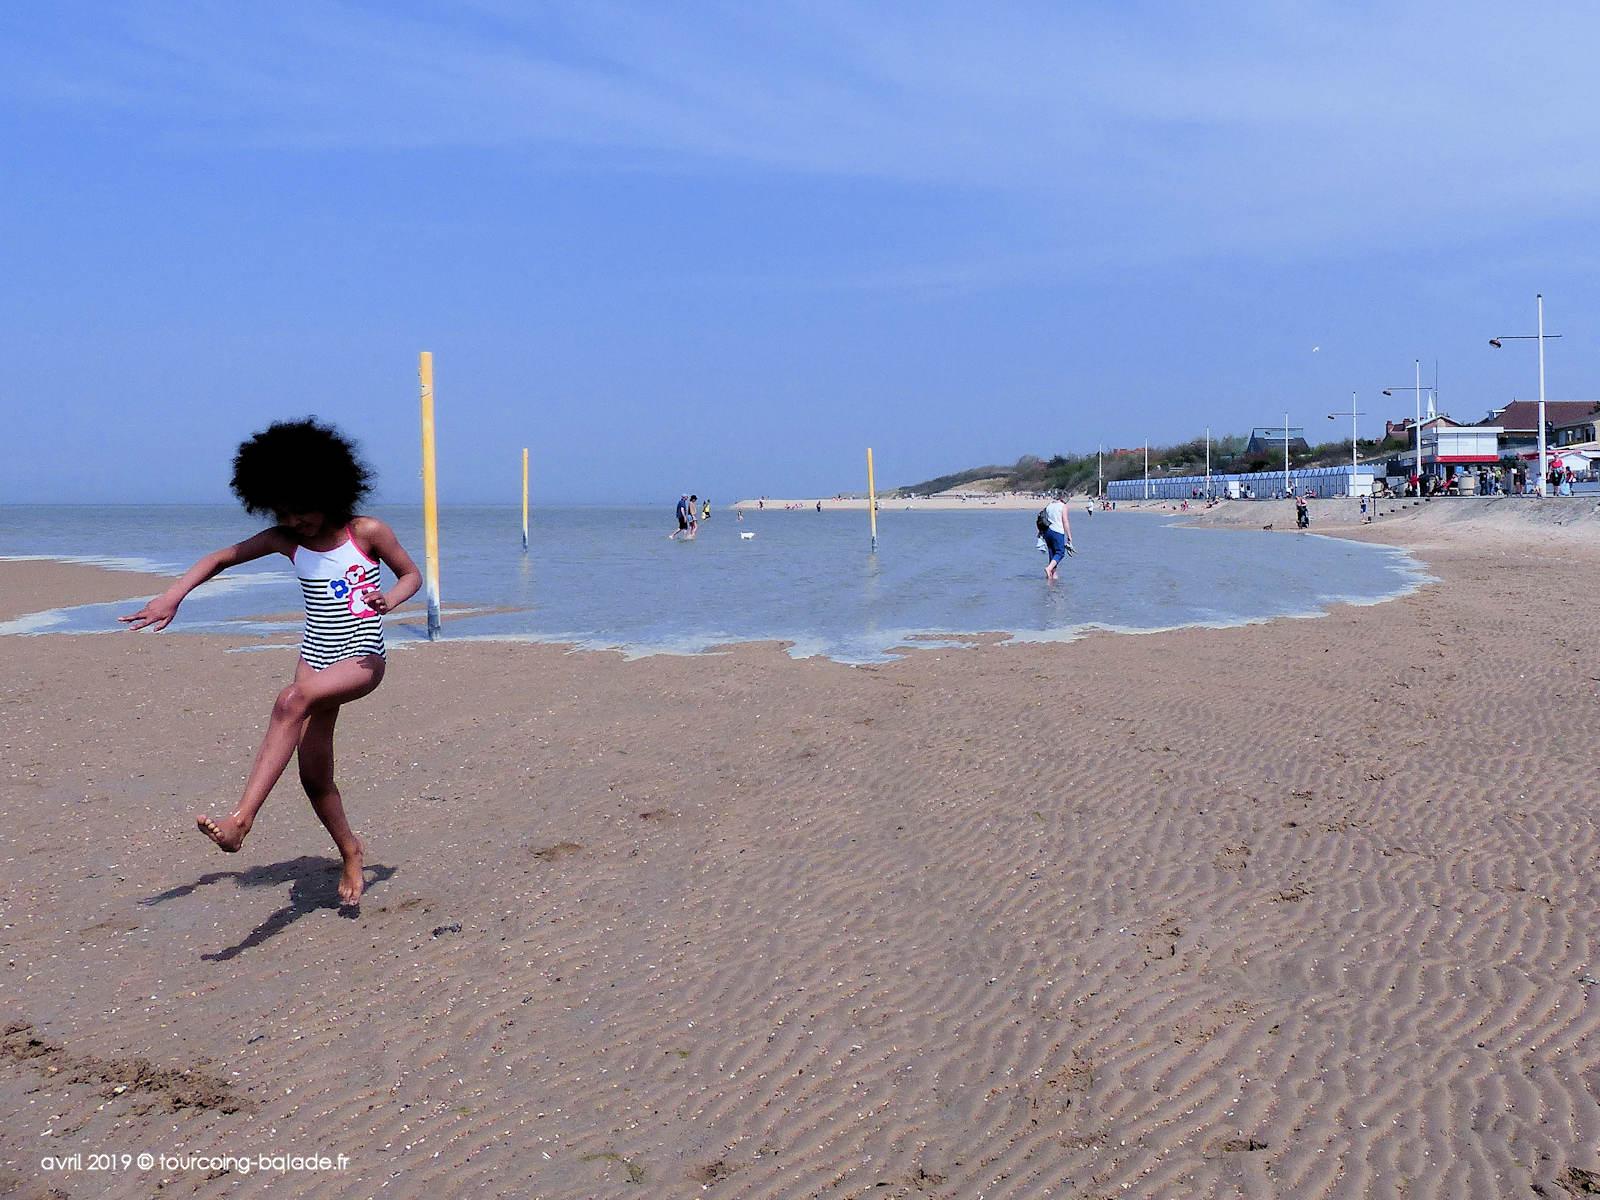 Enfant sur la plage de Gravelines, 2019